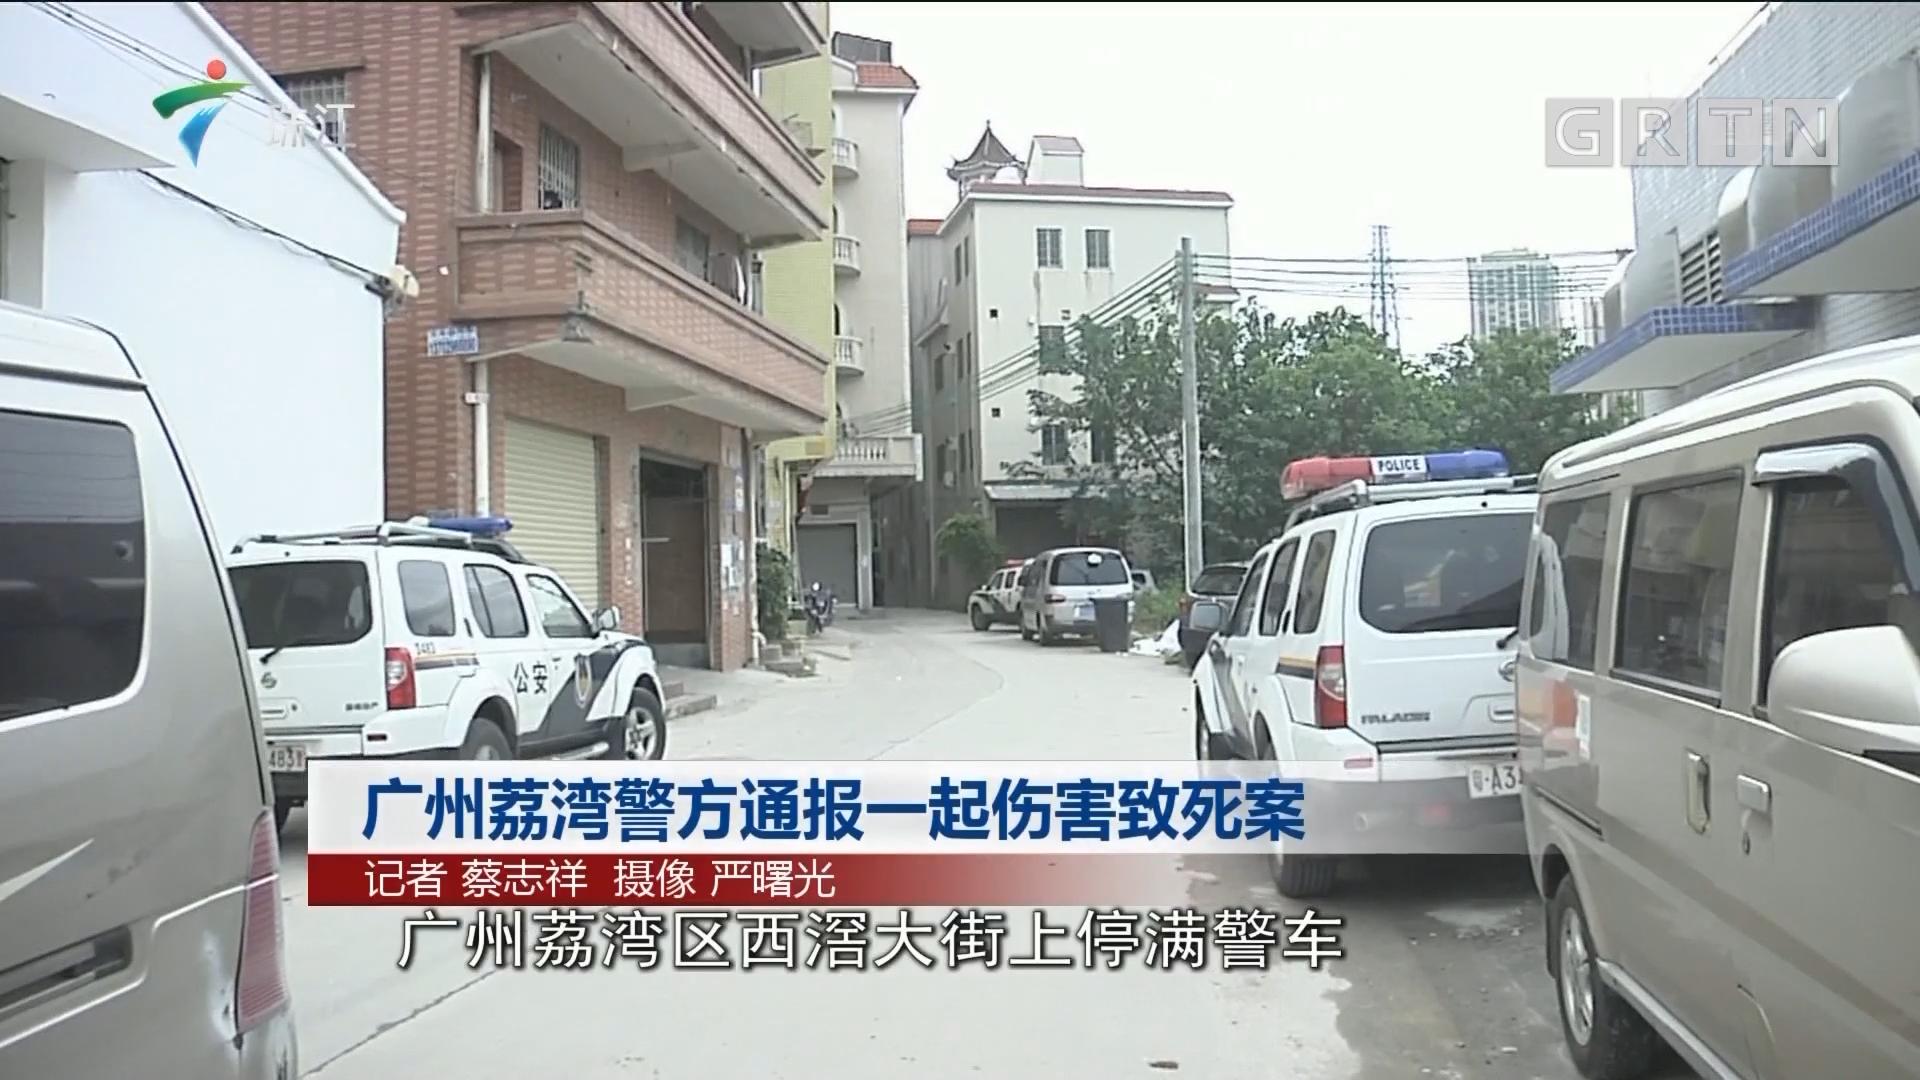 广州荔湾警方通报一起伤害致死案